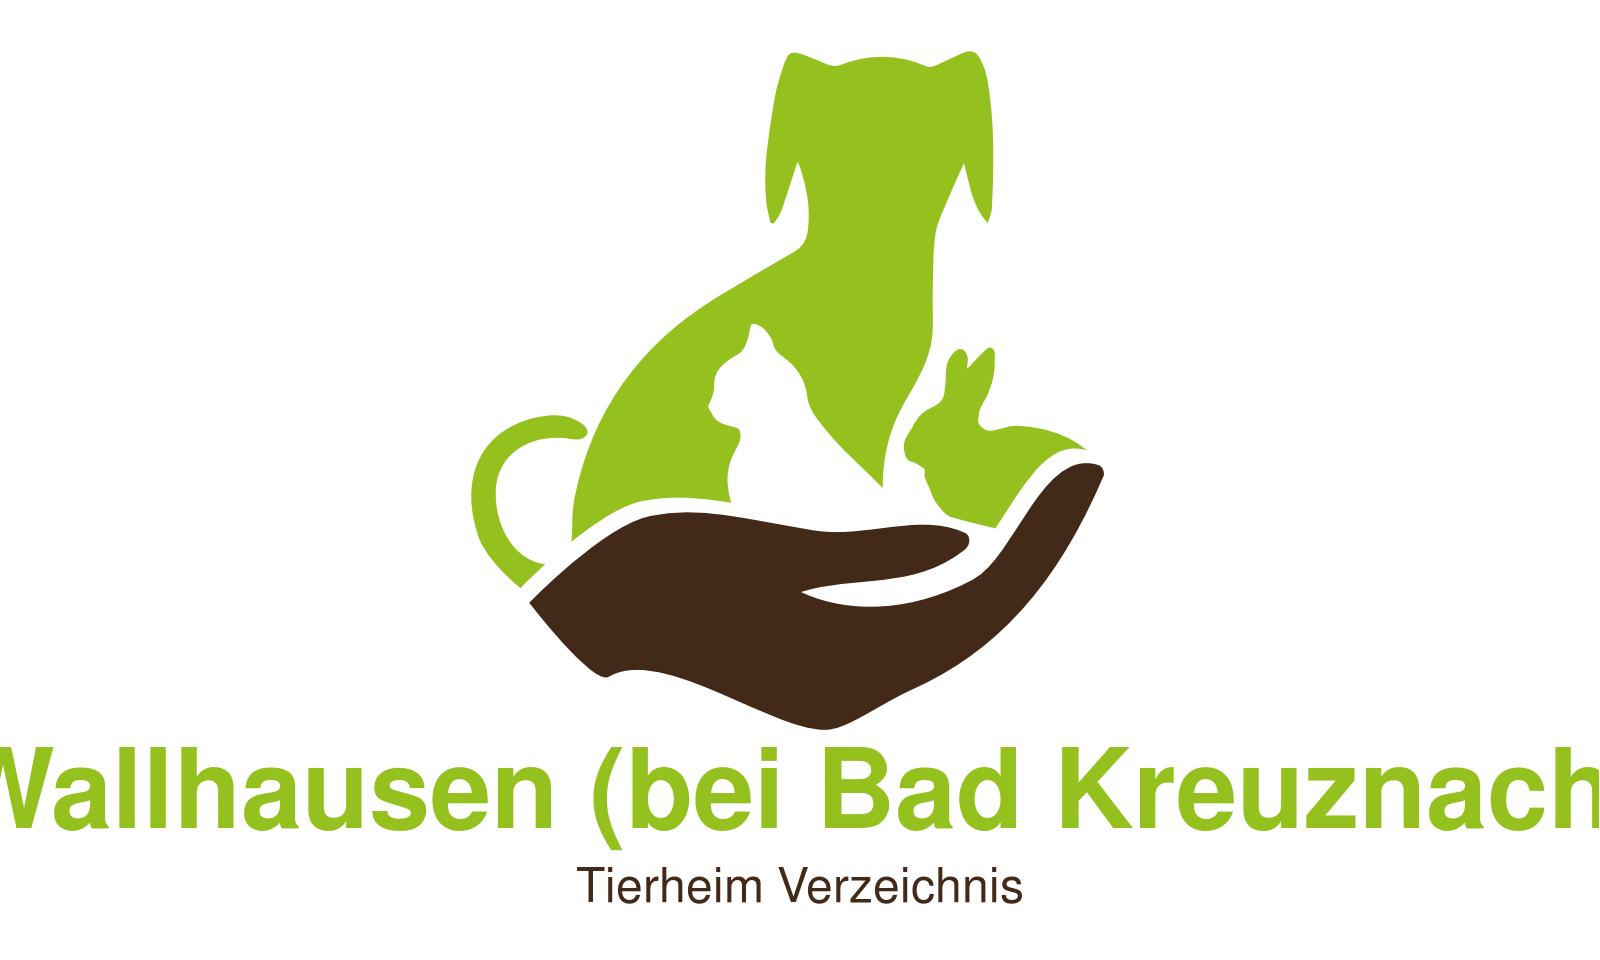 Tierheim Wallhausen (bei Bad Kreuznach)